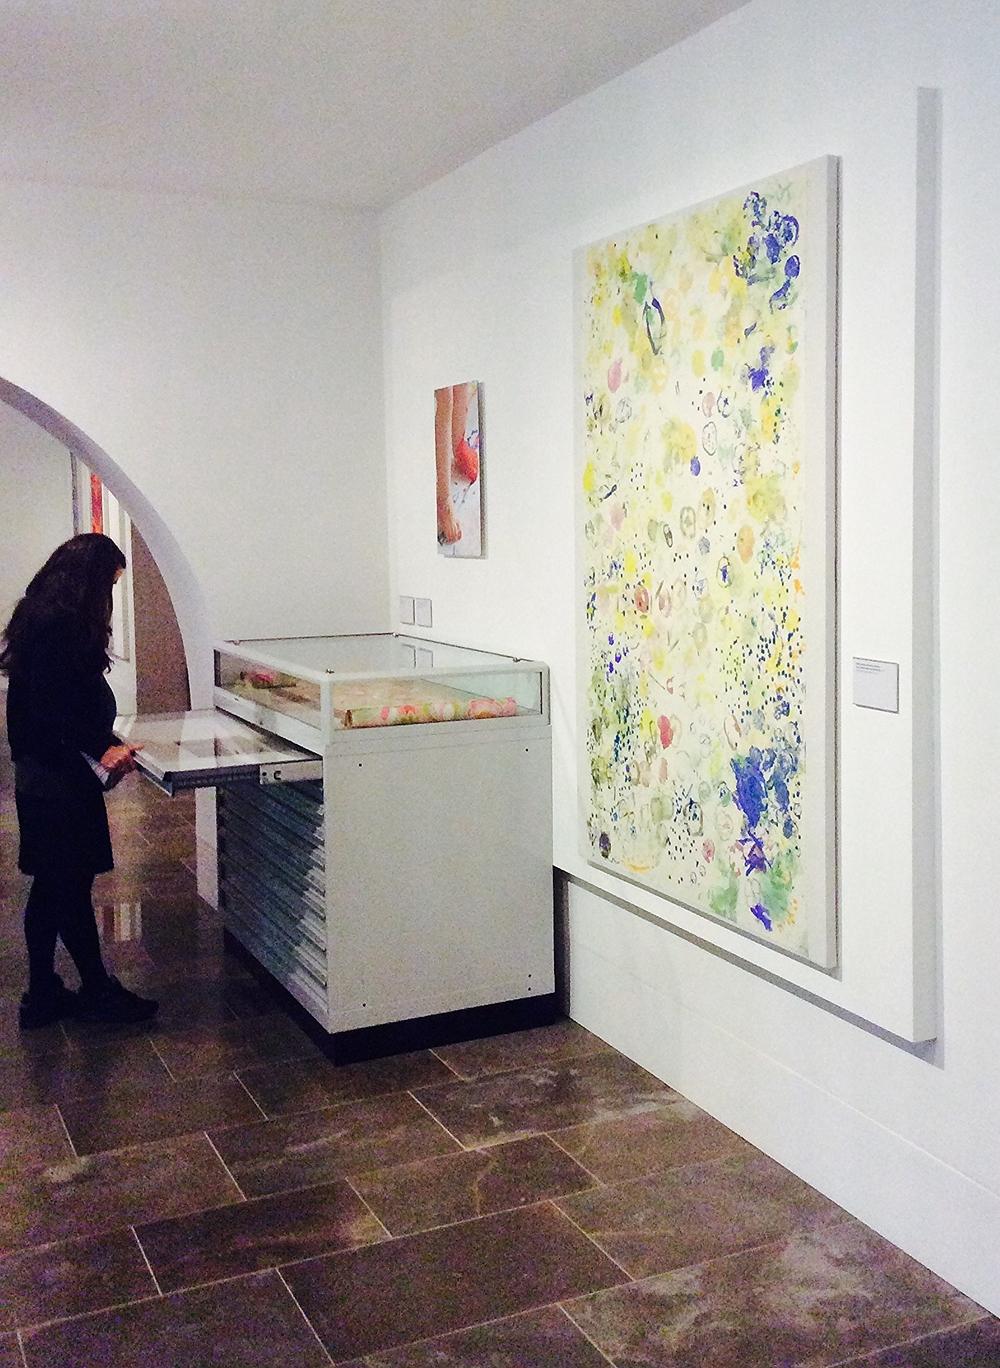 Browsing through artworks